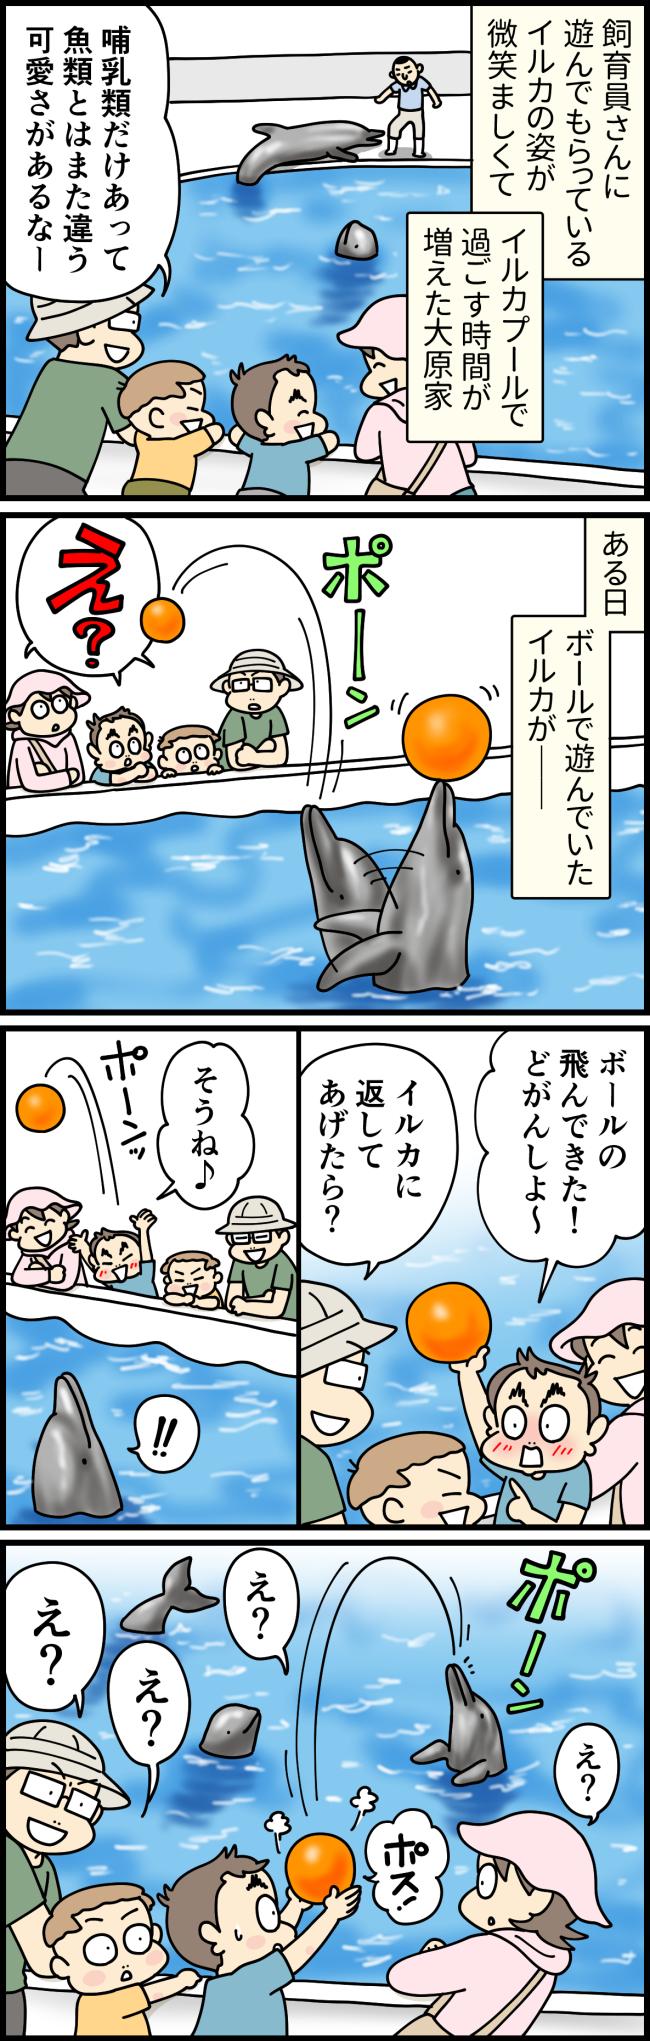 長崎県佐世保市の九十九島水族館海きららで、イルカとキャッチボールをするという機会に恵まれた大原由軌子とその家族